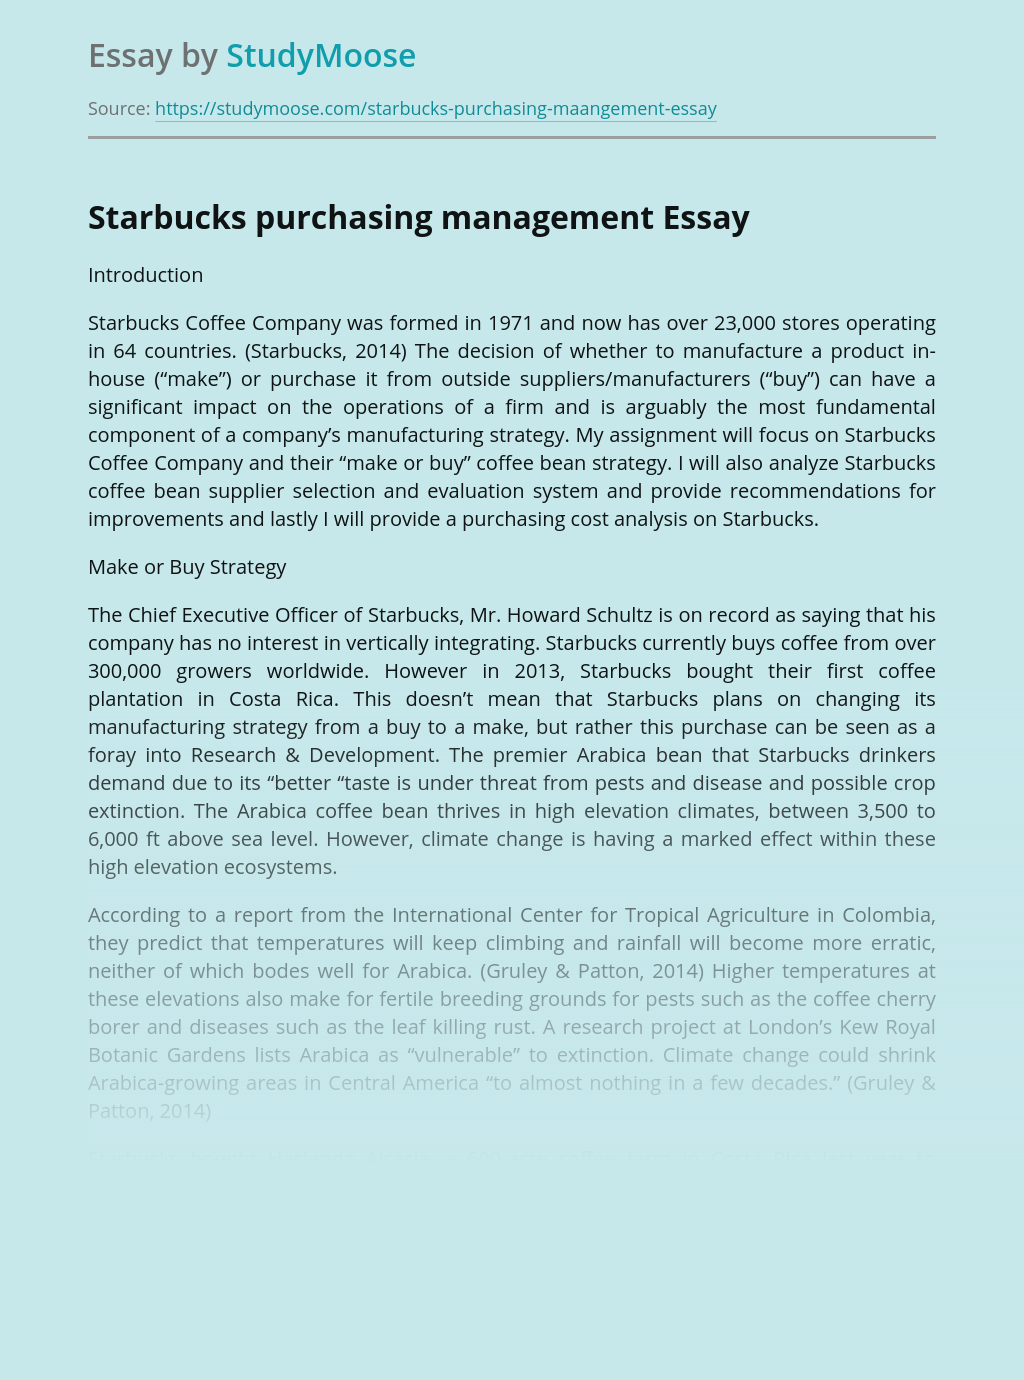 Starbucks purchasing management